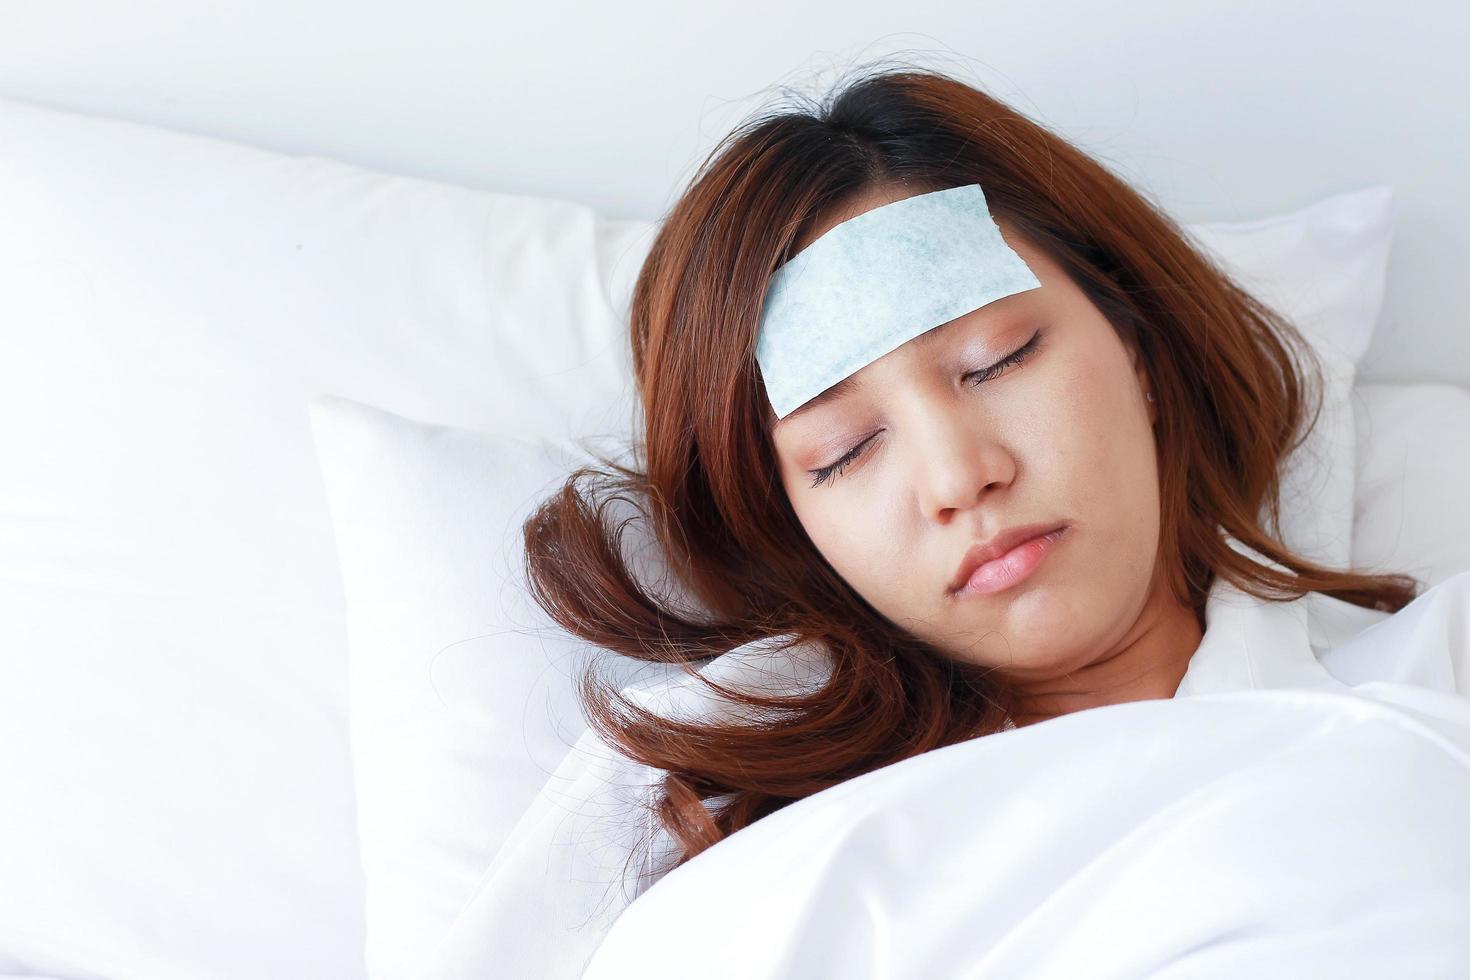 la giovane donna asiatica è malata e dorme nel letto. foto